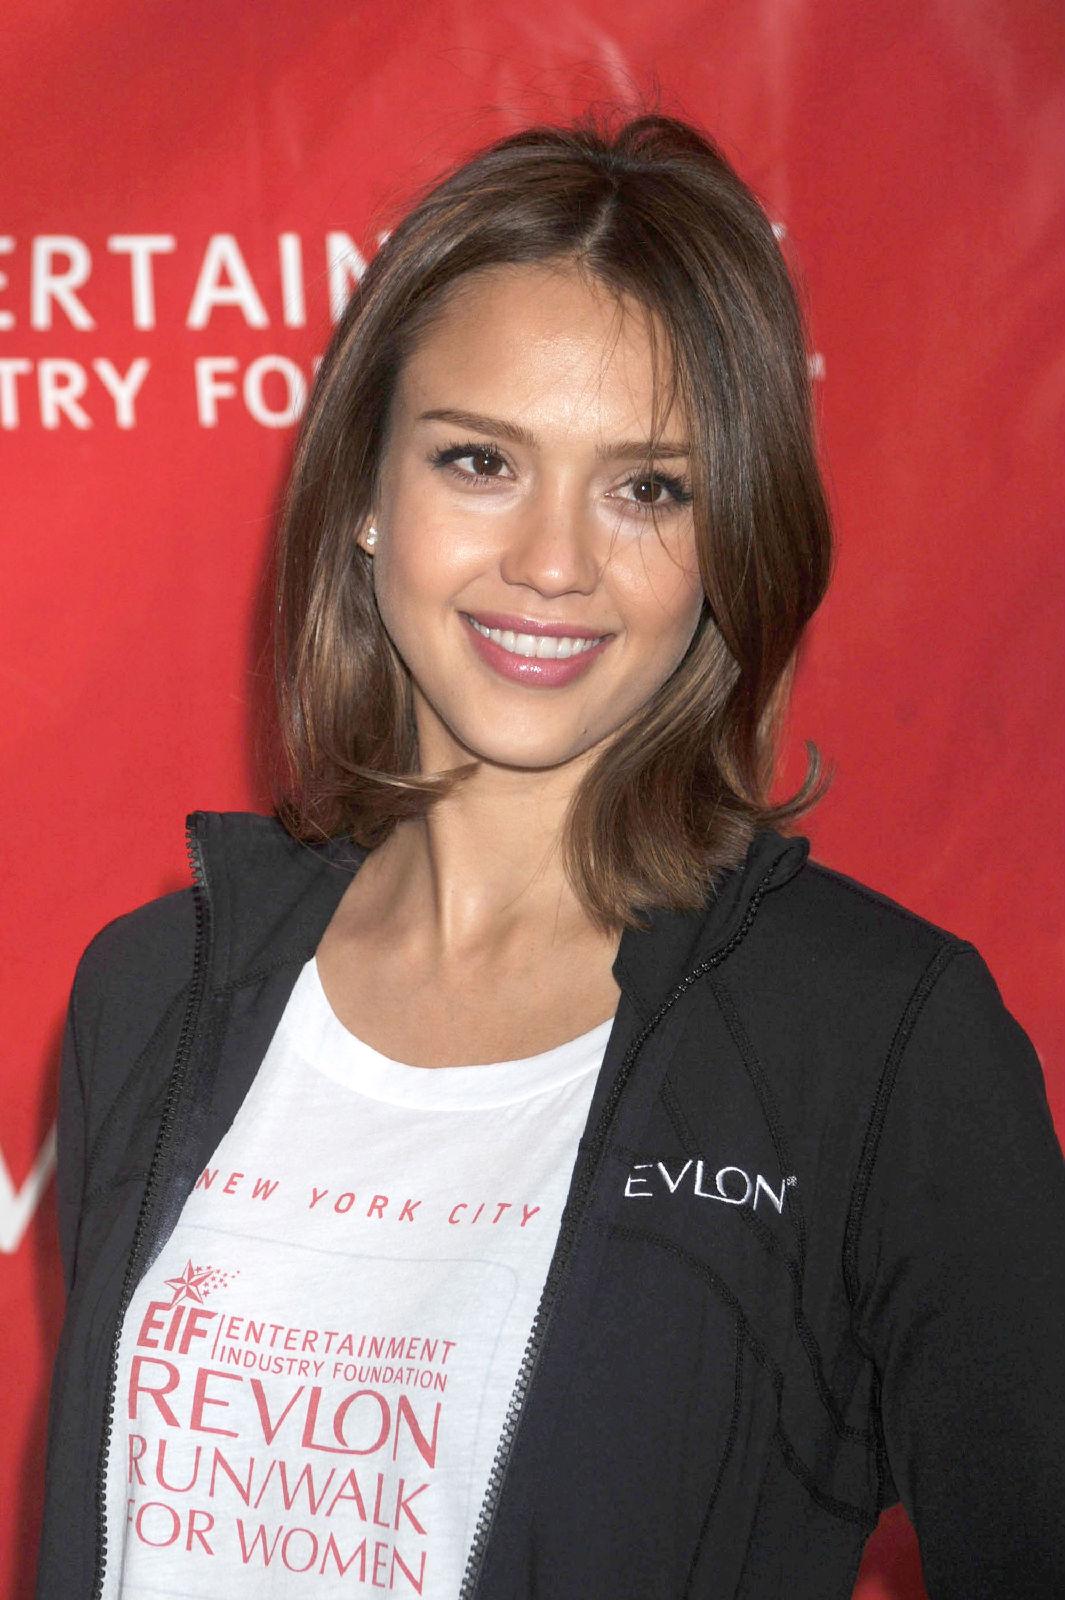 http://2.bp.blogspot.com/-MsqXj8j97nI/TfJerVN5K0I/AAAAAAAAAD8/PwzRGtst2b8/s1600/Jessica-Alba-hairstyle-pics-movies-machette-0+%25281%2529.jpg